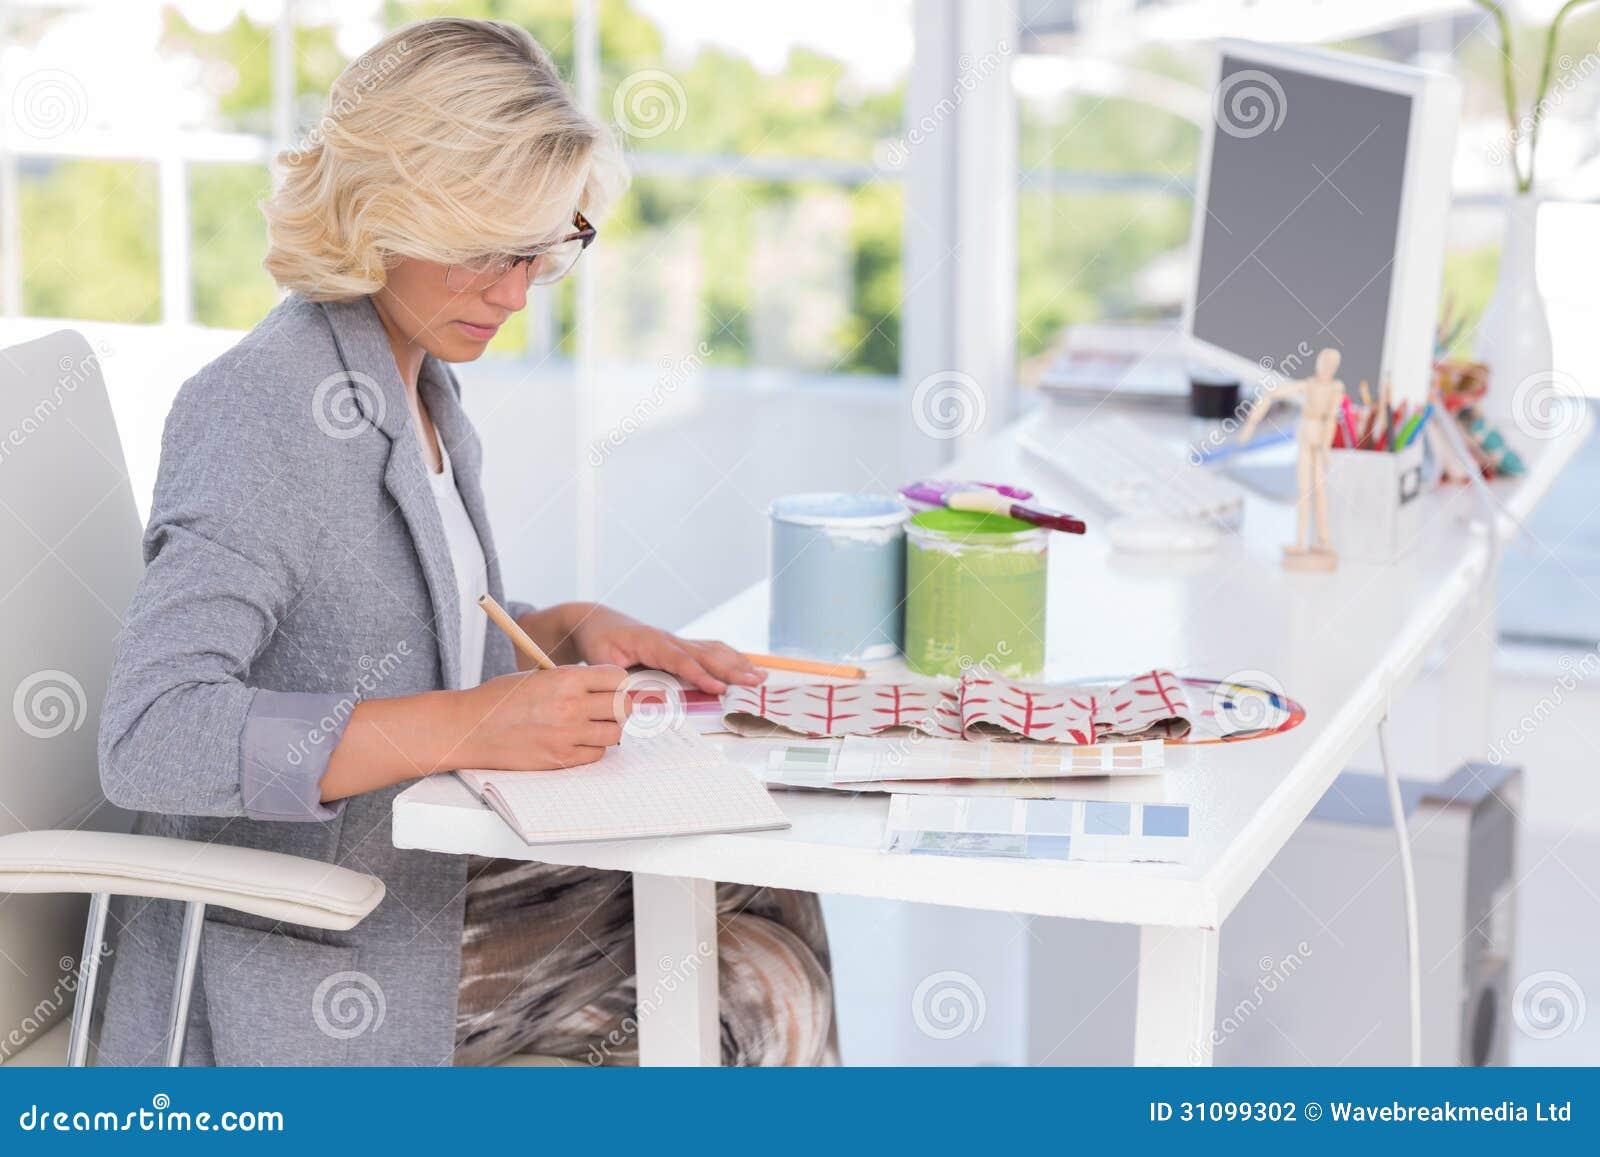 Blonde interior designer working on her desk stock for Work for interior designer